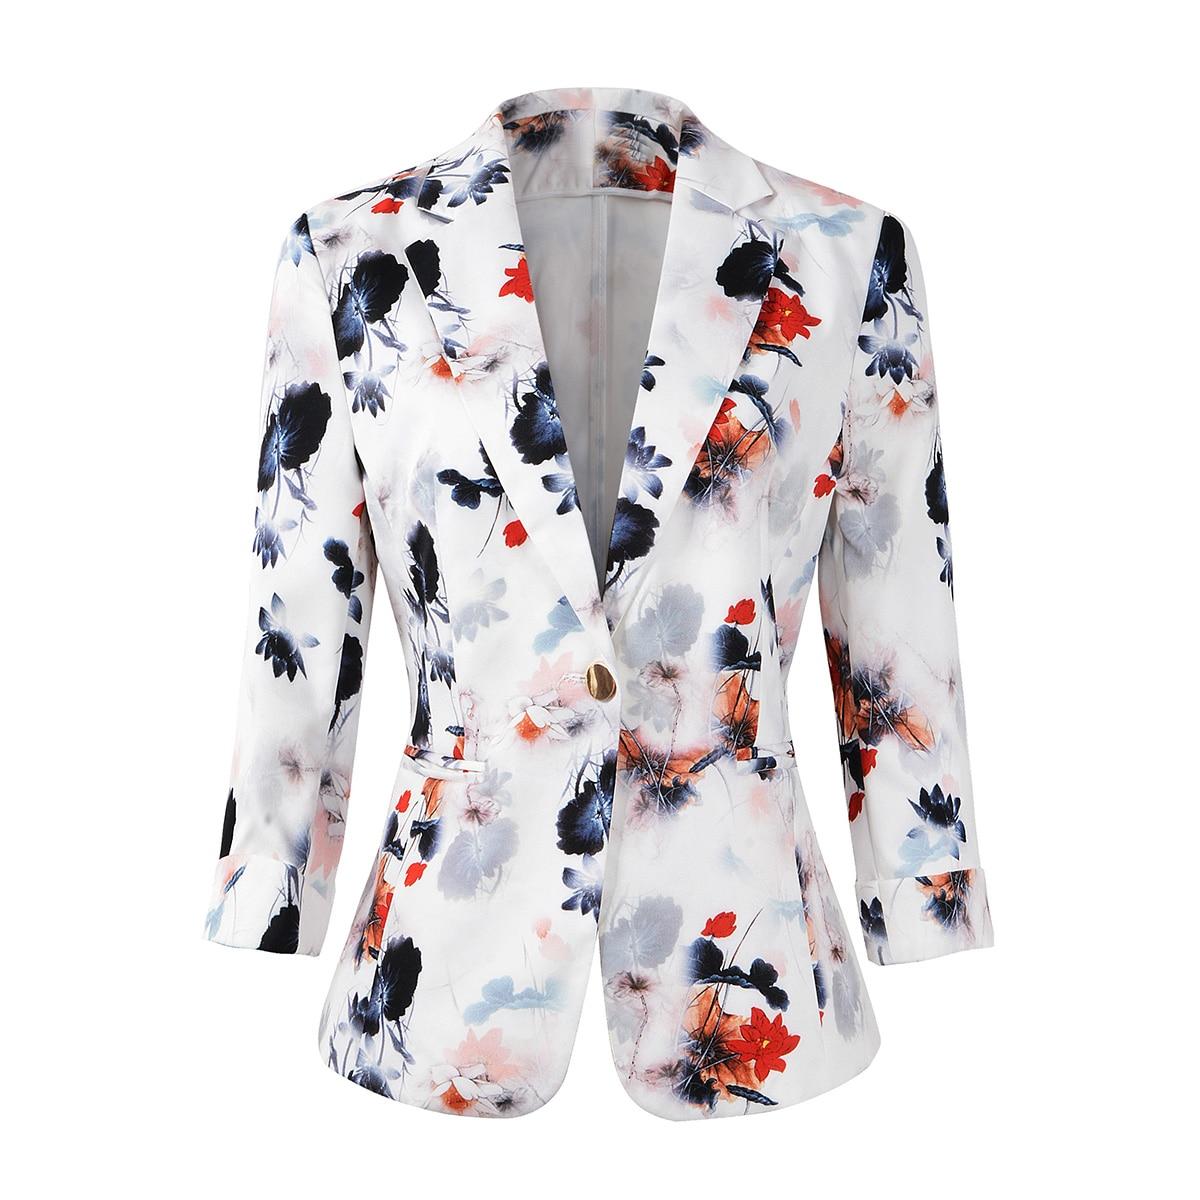 Women's 3/4 Sleeve Lightweight Office Work Suit Jacket Boyfriend Blazer Chic Lady Casual Jacket